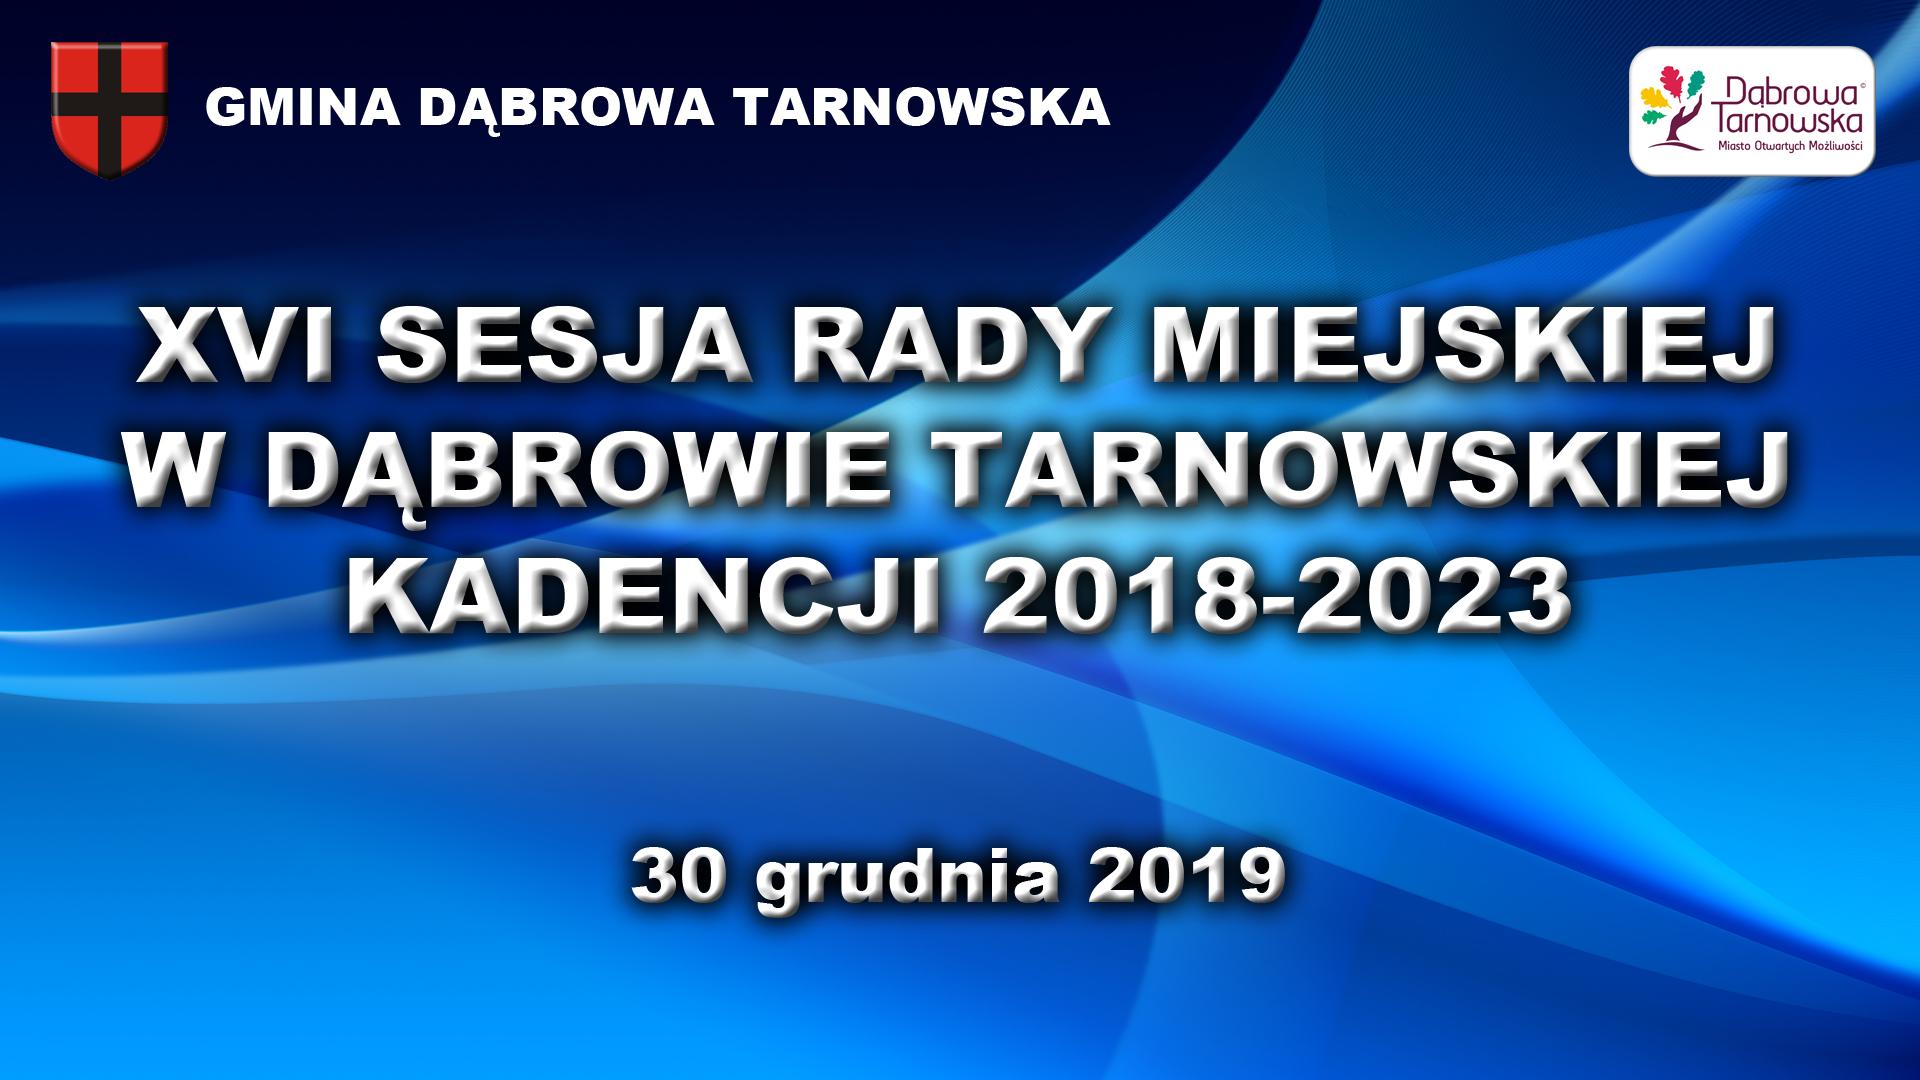 XVI SRMDT Gmina Dąbrowa Tarnowska z nowym budżetem na 2020 r.